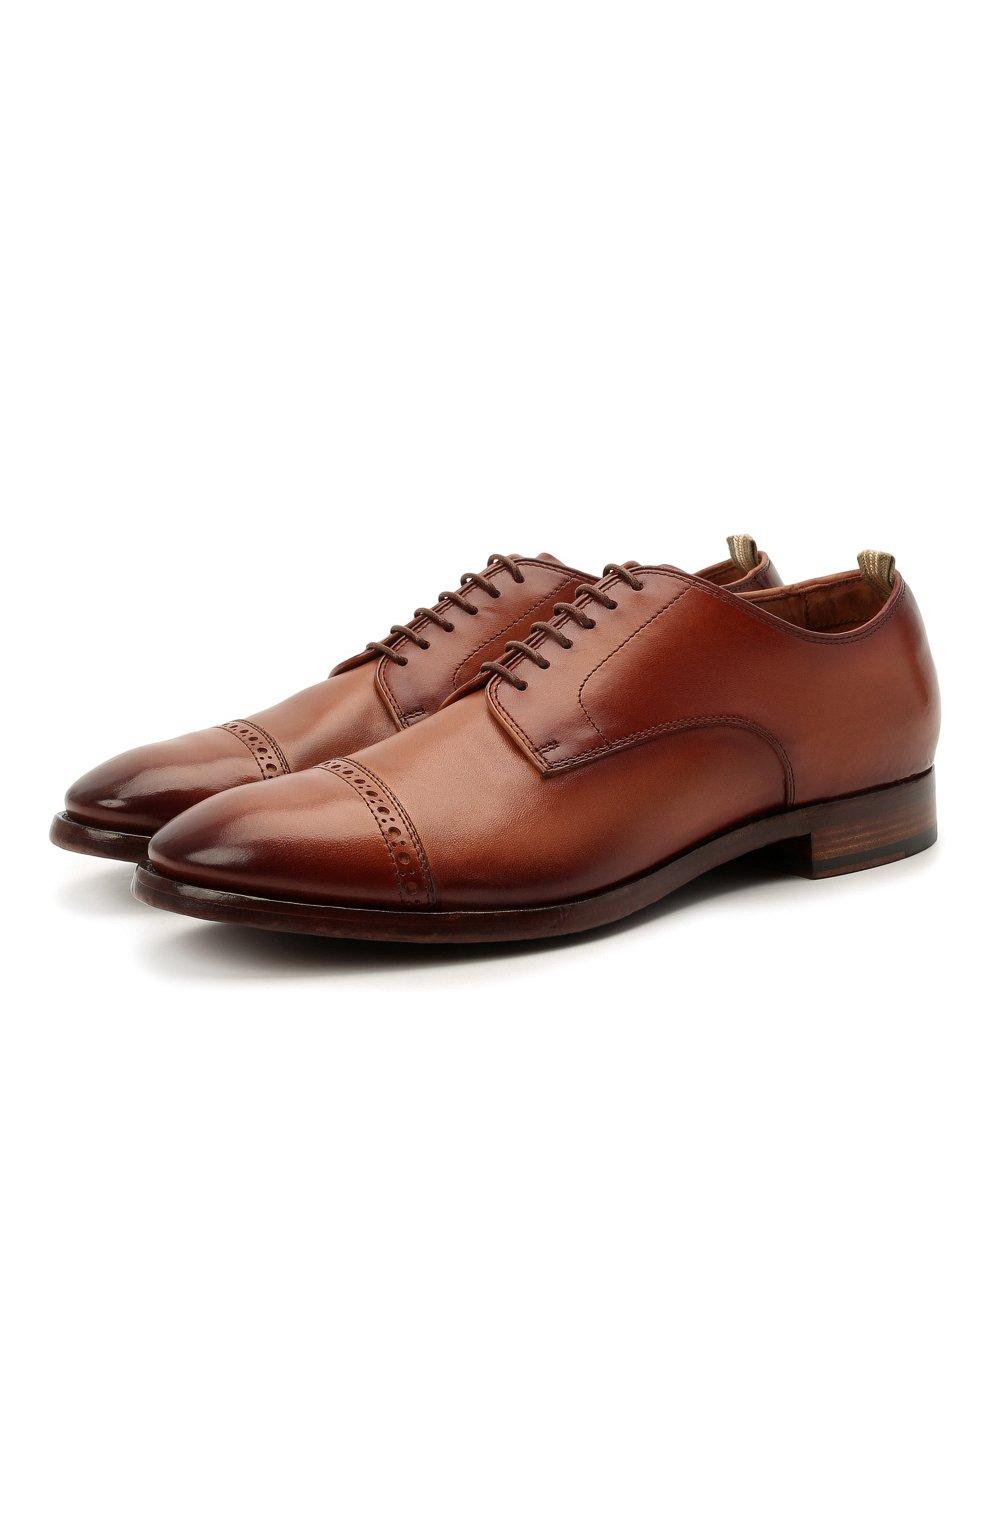 Мужские кожаные дерби OFFICINE CREATIVE коричневого цвета, арт. PR0VIDENCE/013/AER0 CANY0N   Фото 1 (Мужское Кросс-КТ: Броги-обувь; Материал внутренний: Натуральная кожа; Стили: Классический)